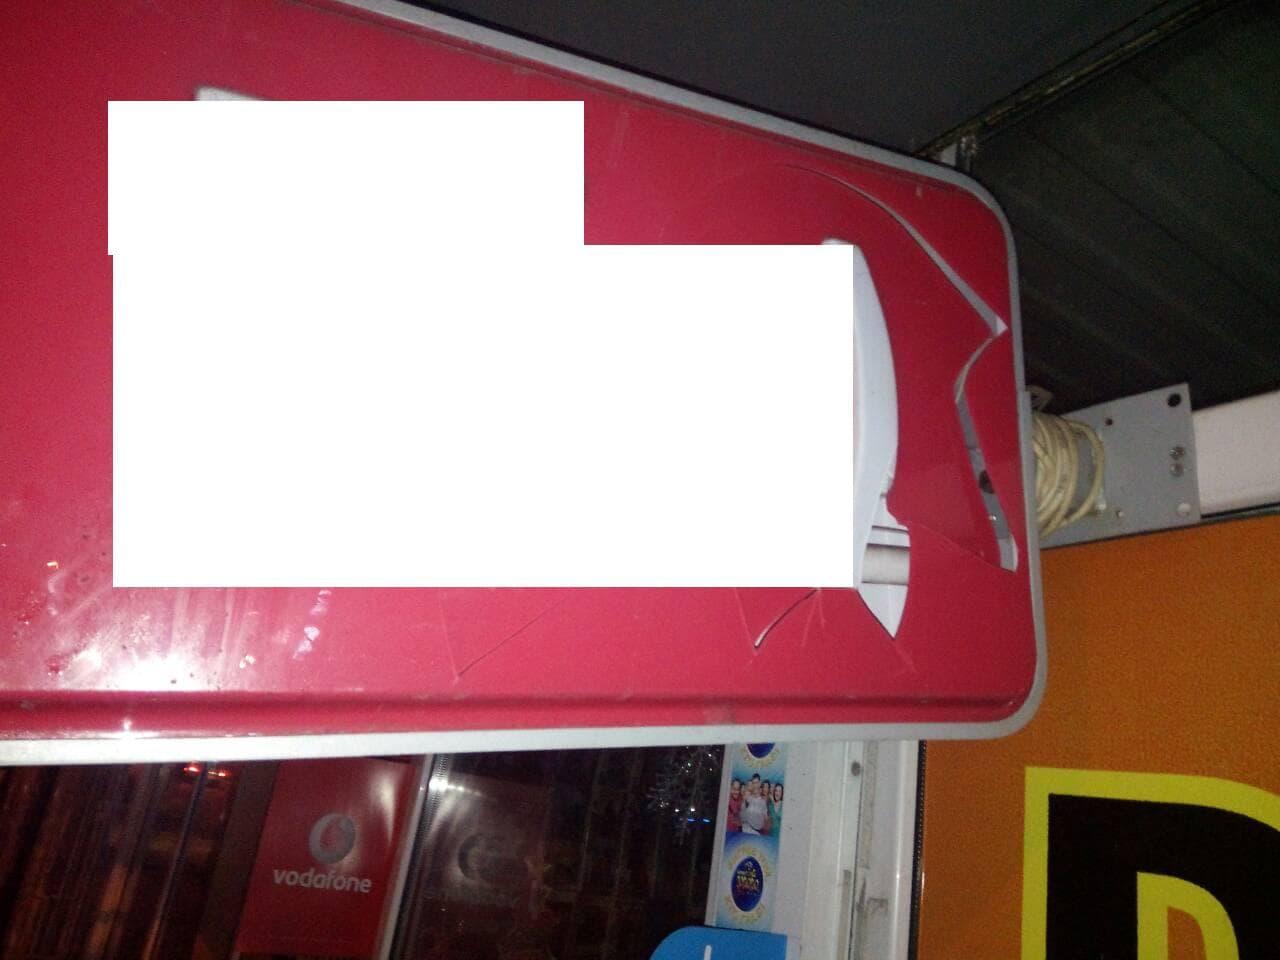 5a449f8ebd292 - У Житомирі поліцейські охорони затримали нетверезого чоловіка, який  на світанку побив вивіски торгівельних закладів